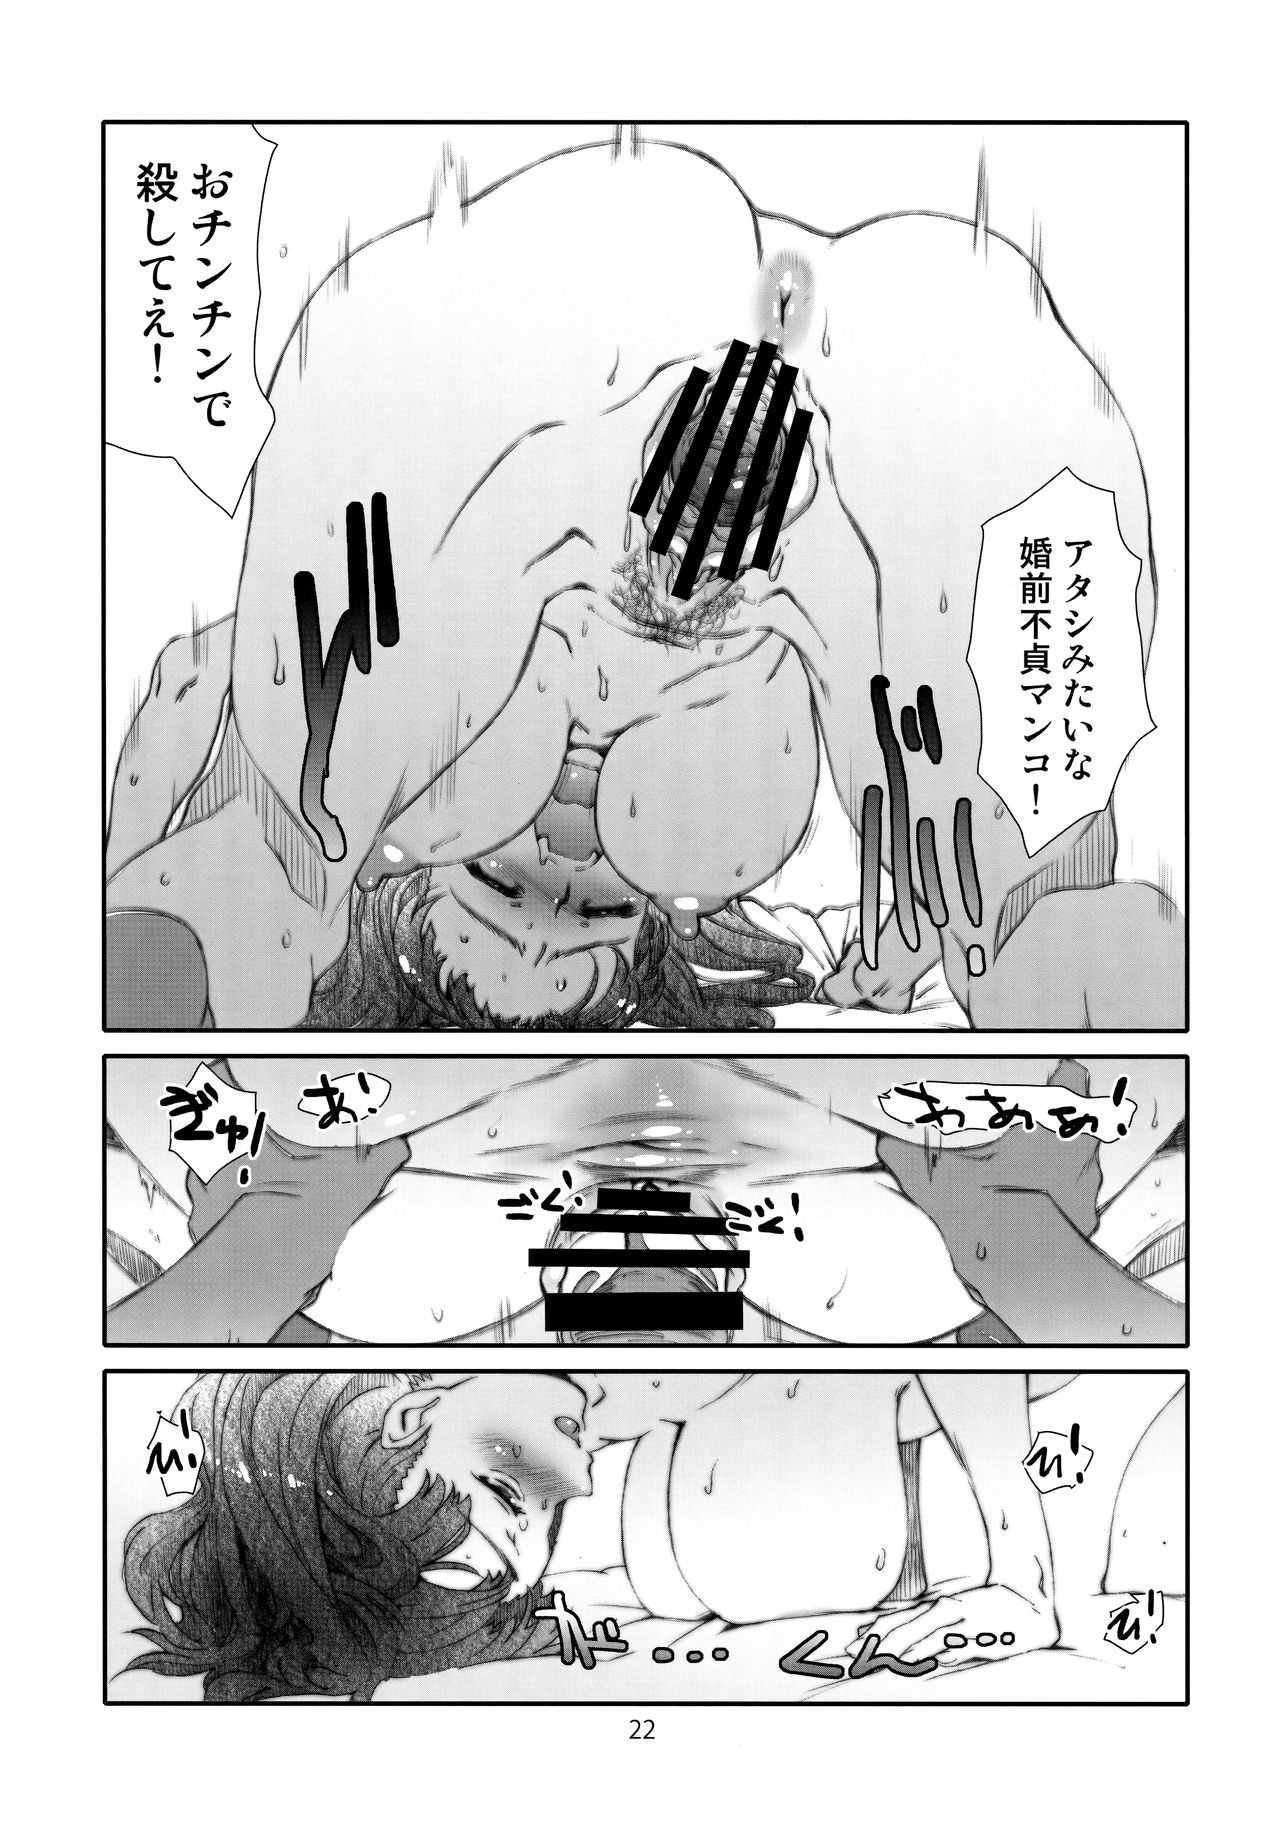 【エロ同人誌】彼氏と喧嘩した時だけ甘えてくる婚前不貞マ○コと寝取りセックスwww【オリジナル/C90】